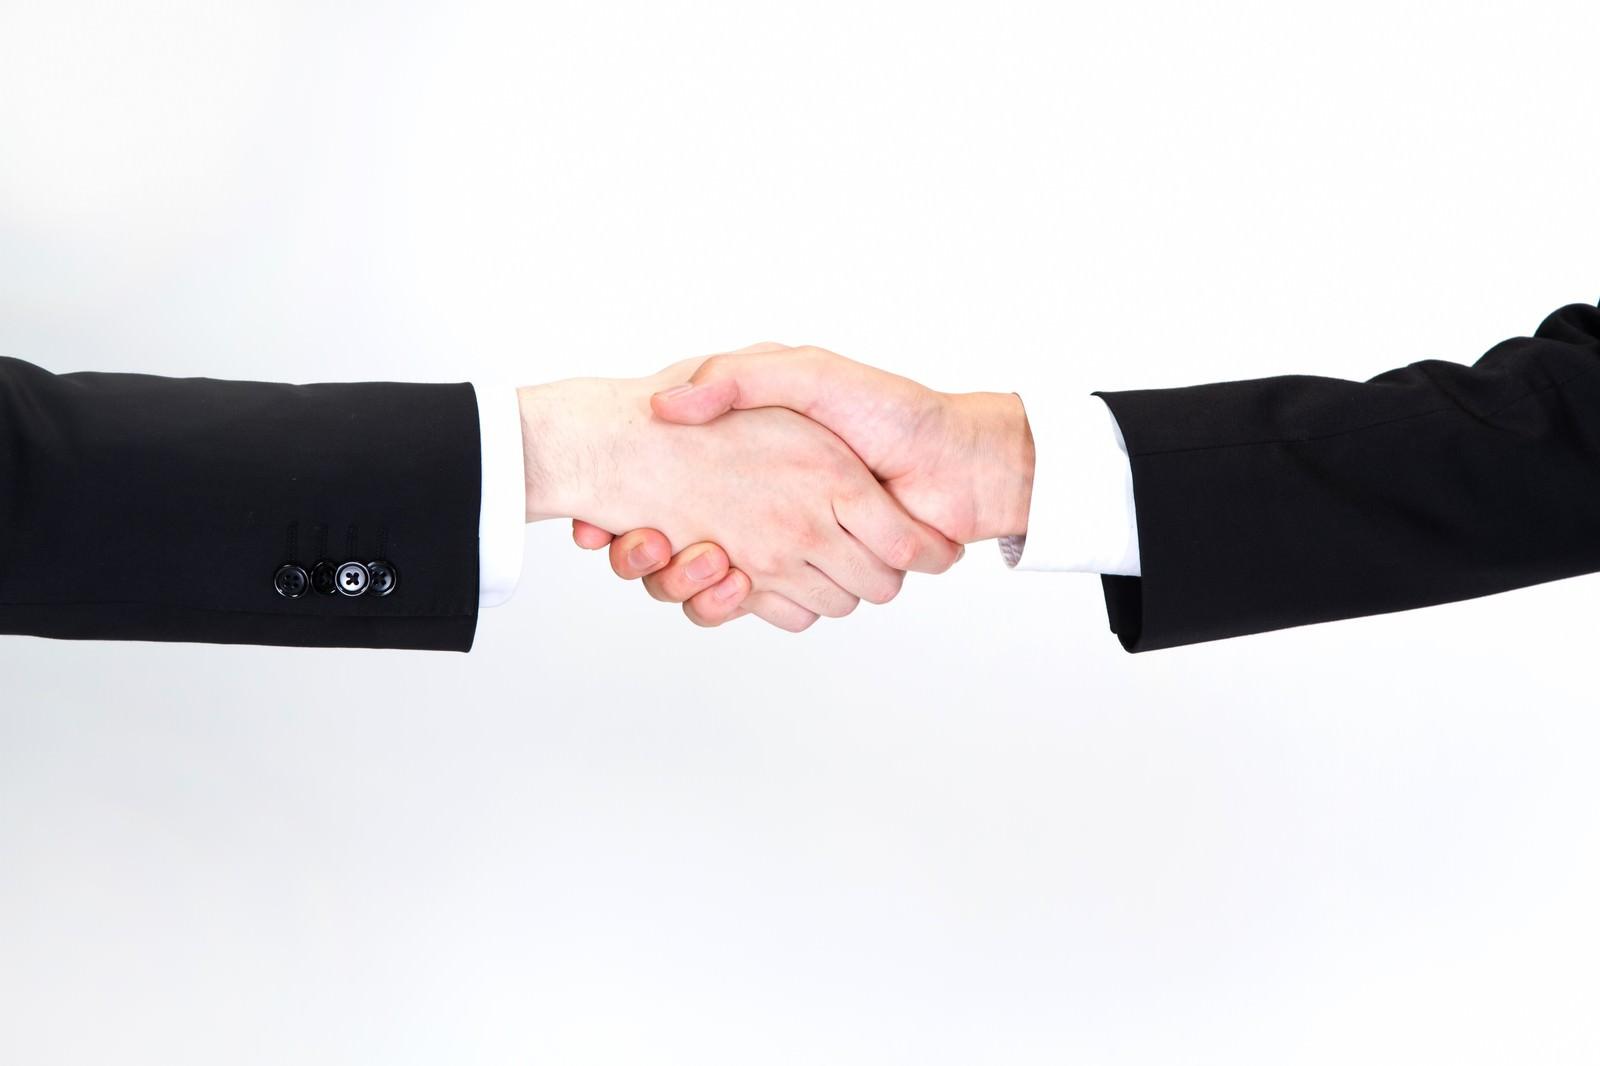 「握手をするビジネスマン(手)」の写真